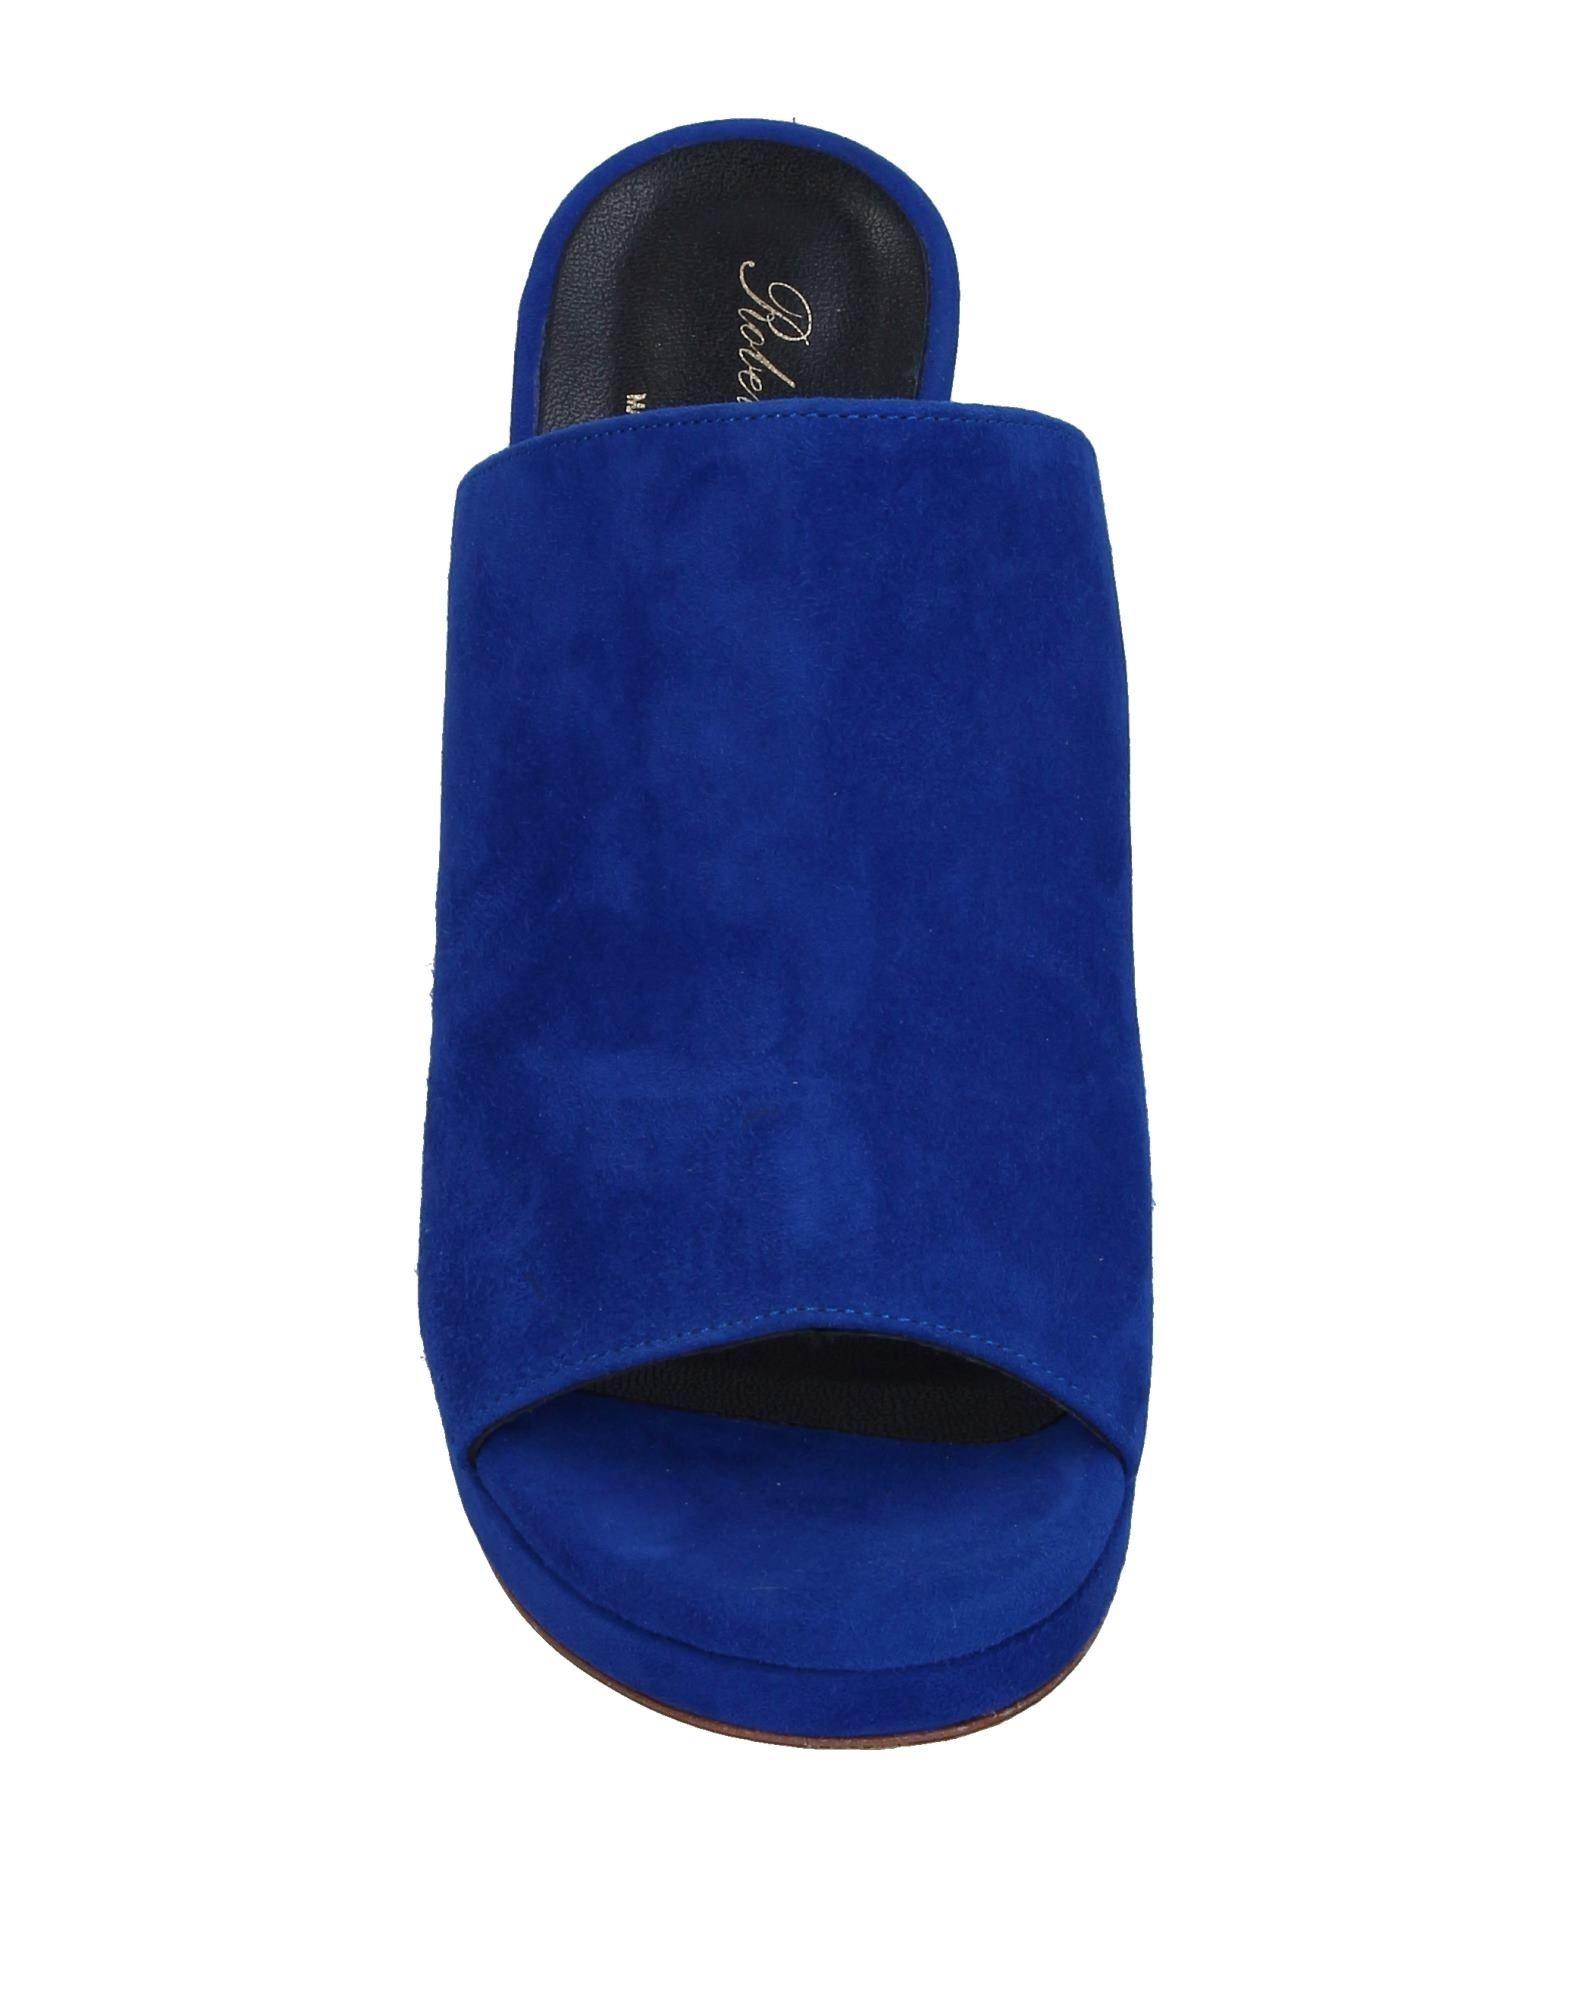 Stilvolle billige Schuhe Robert Clergerie 11326599DW Sandalen Damen  11326599DW Clergerie 76c607